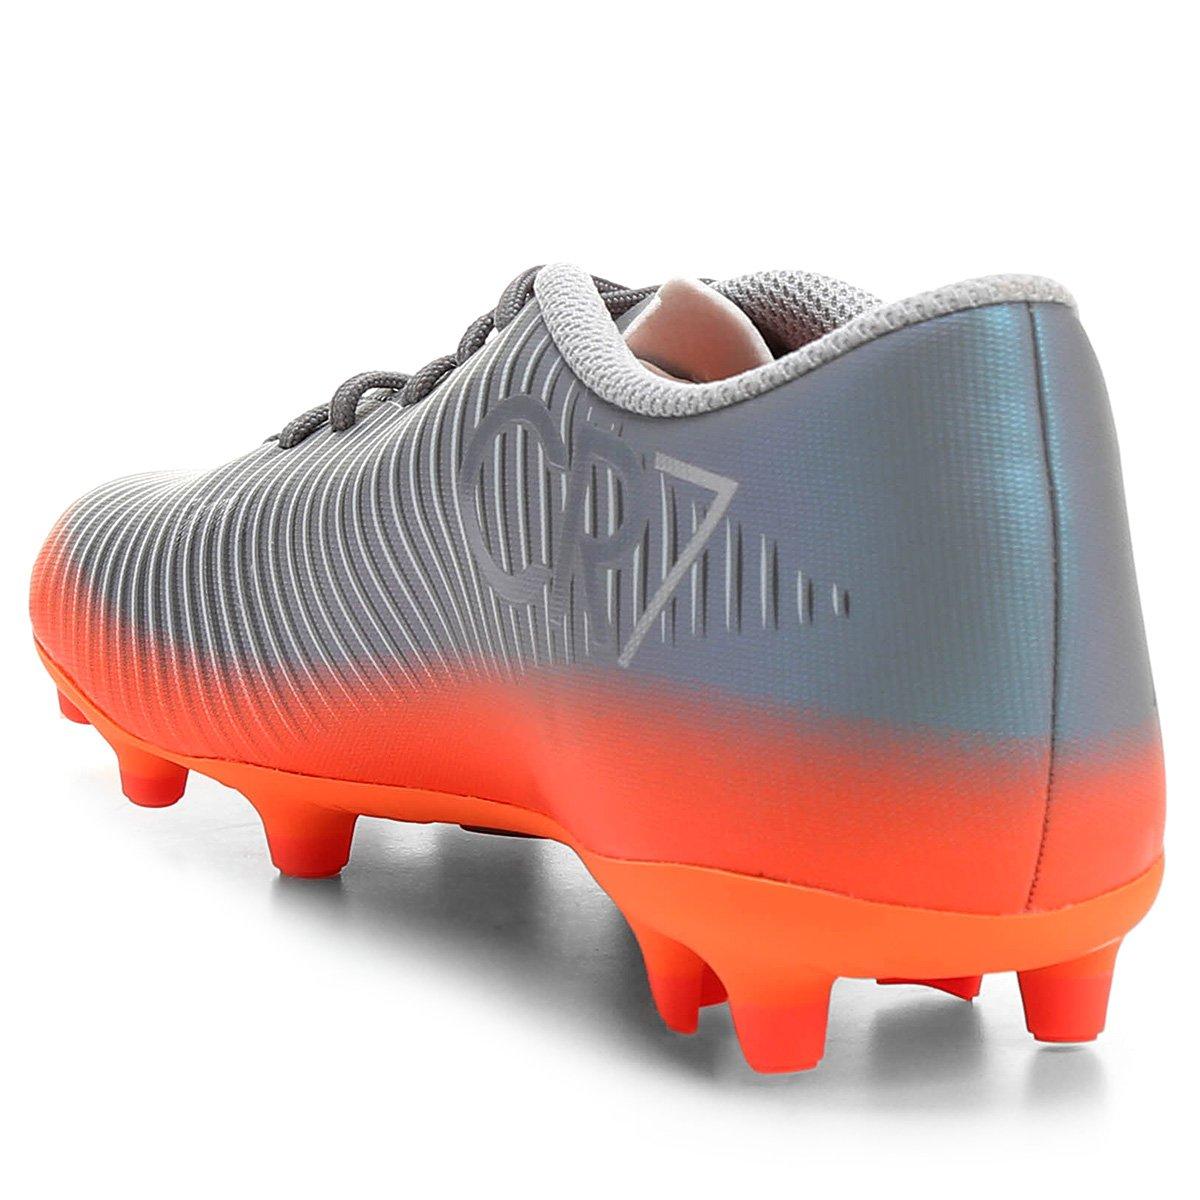 3273e978b9 Chuteira Campo Nike Mercurial Vortex 3 CR7 FG - Compre Agora